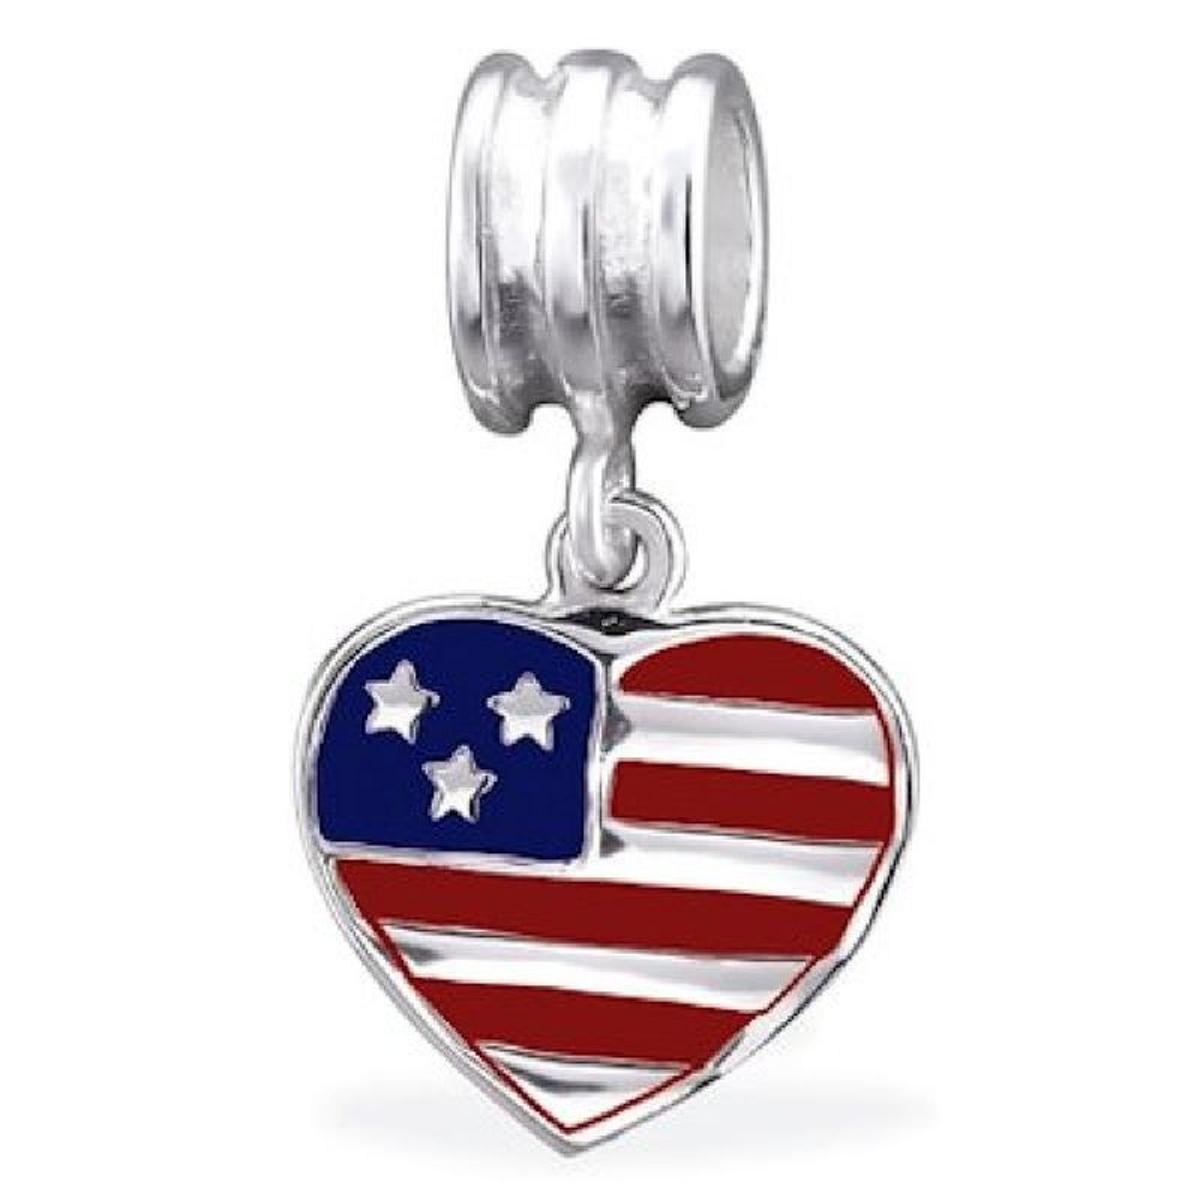 Charm Pampille Drapeau Etats-Unis Amérique Argent 925 - Compatible Pandora, Trollbeads, Chamilia, Biagi